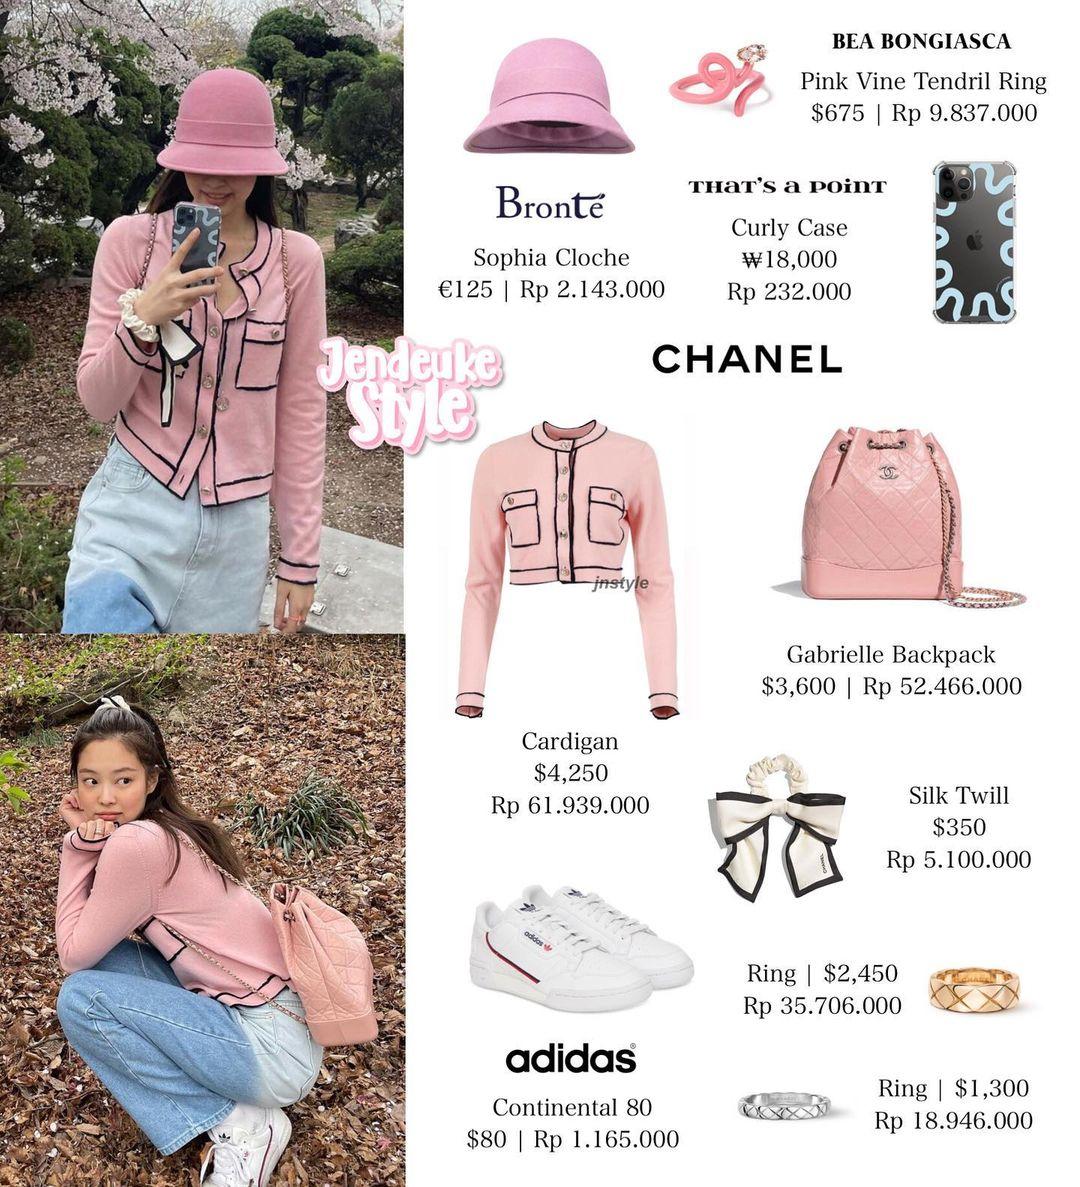 Jennie diện đồ Chanel gần 100 triệu mà cũng bị gạch đá, netizen liệu có đang quá quắt? - Ảnh 3.